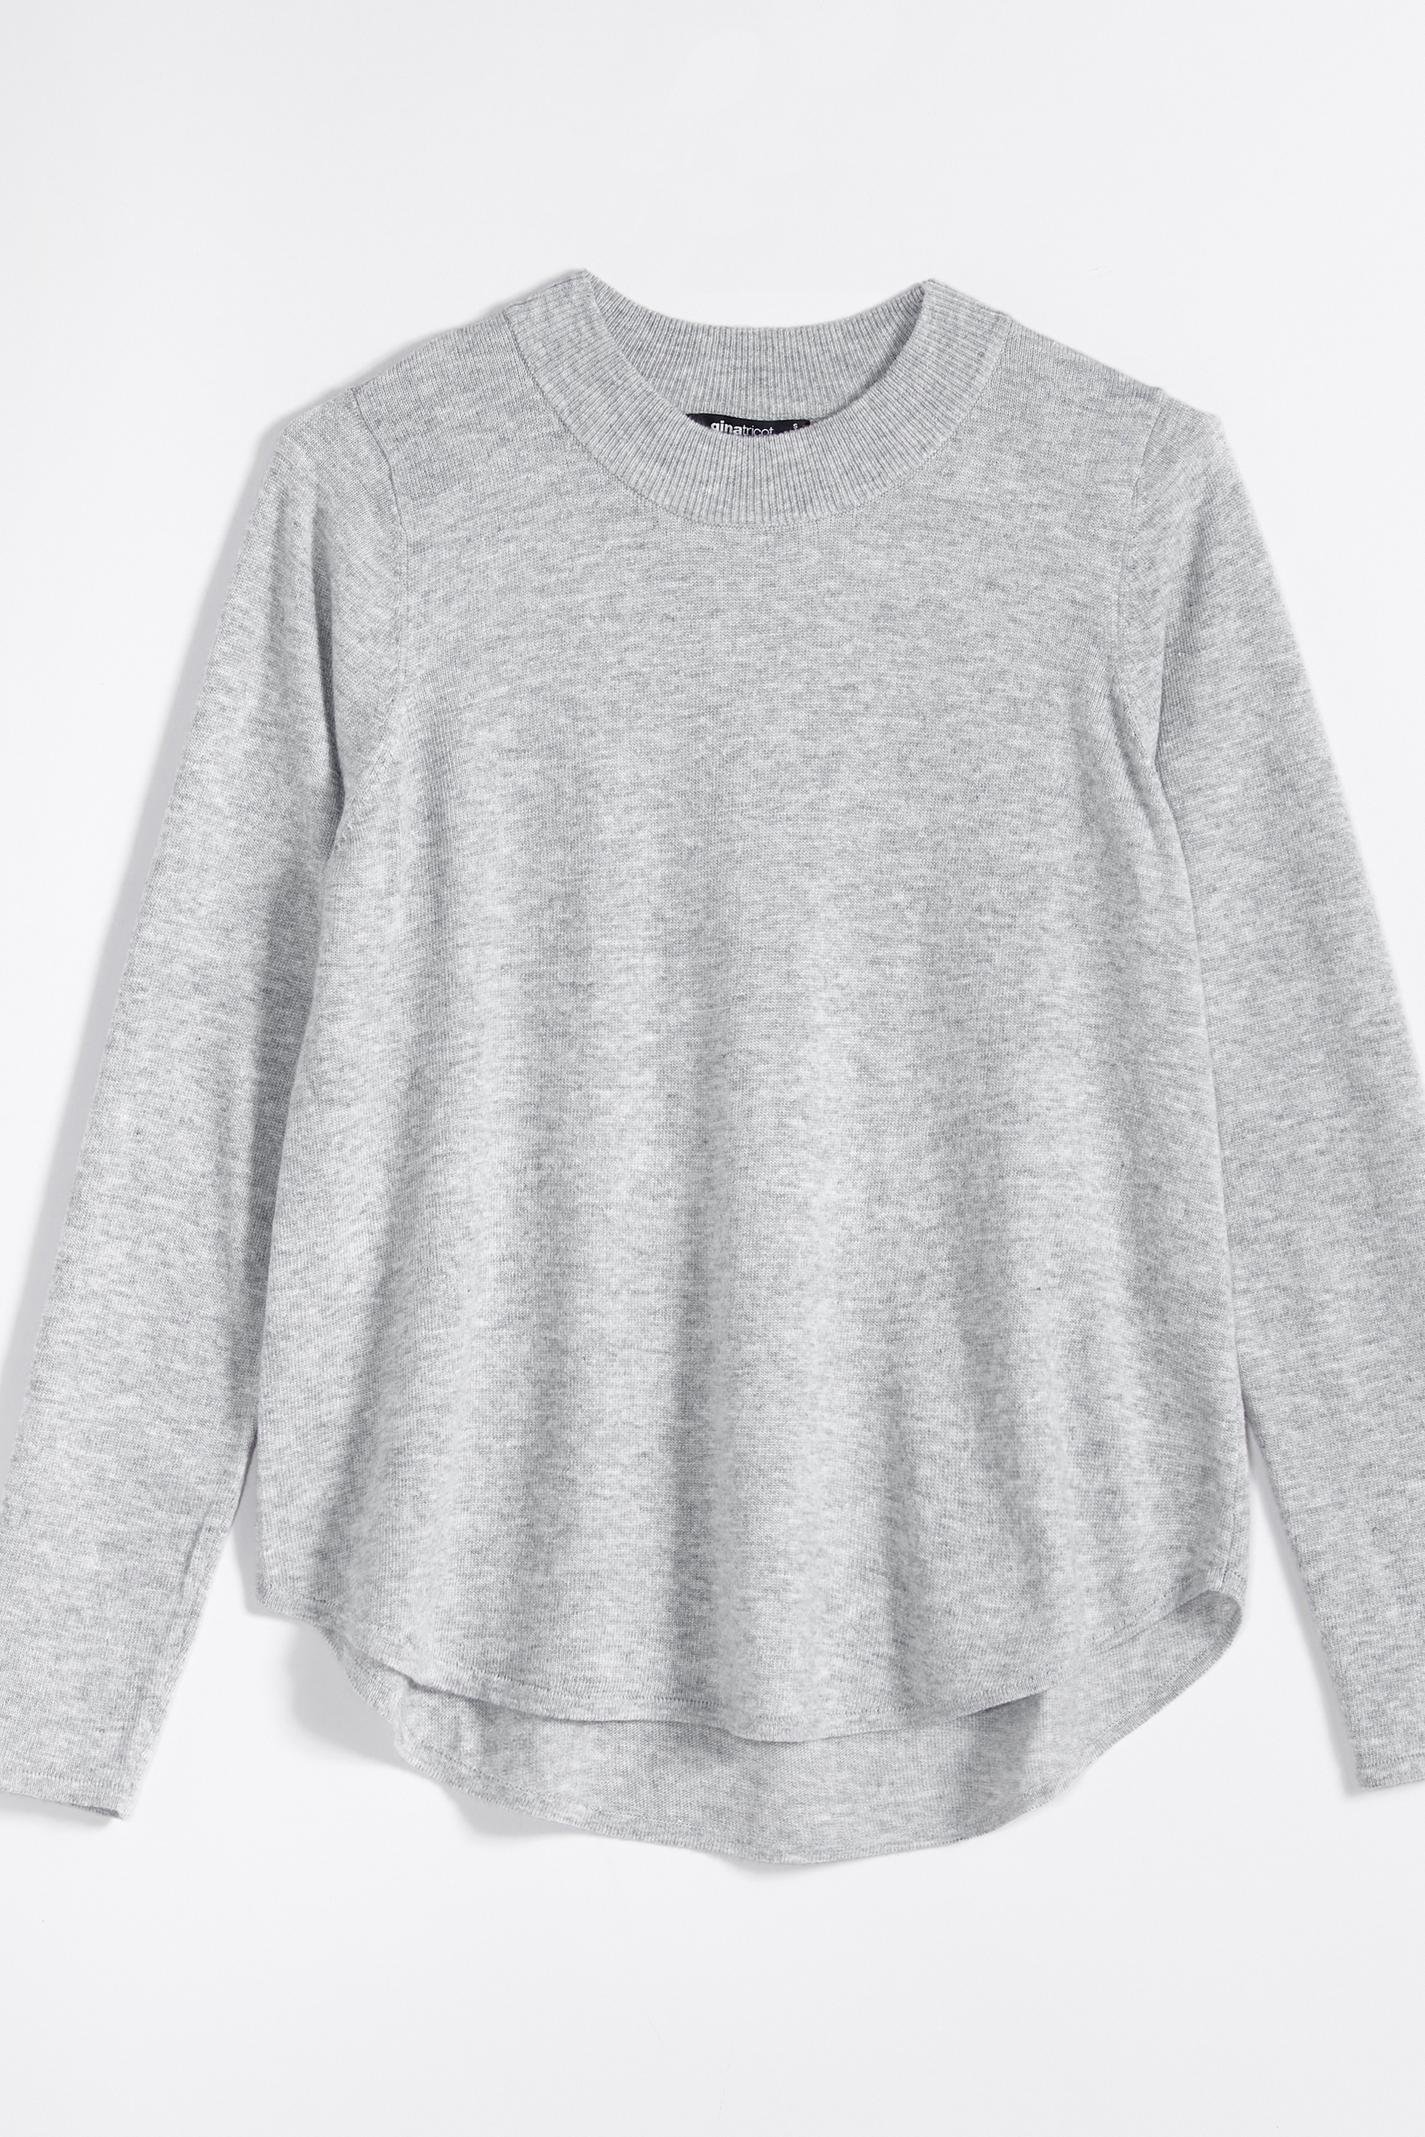 love knitted sweater grey; love knitted sweater grey ... ewaecvi